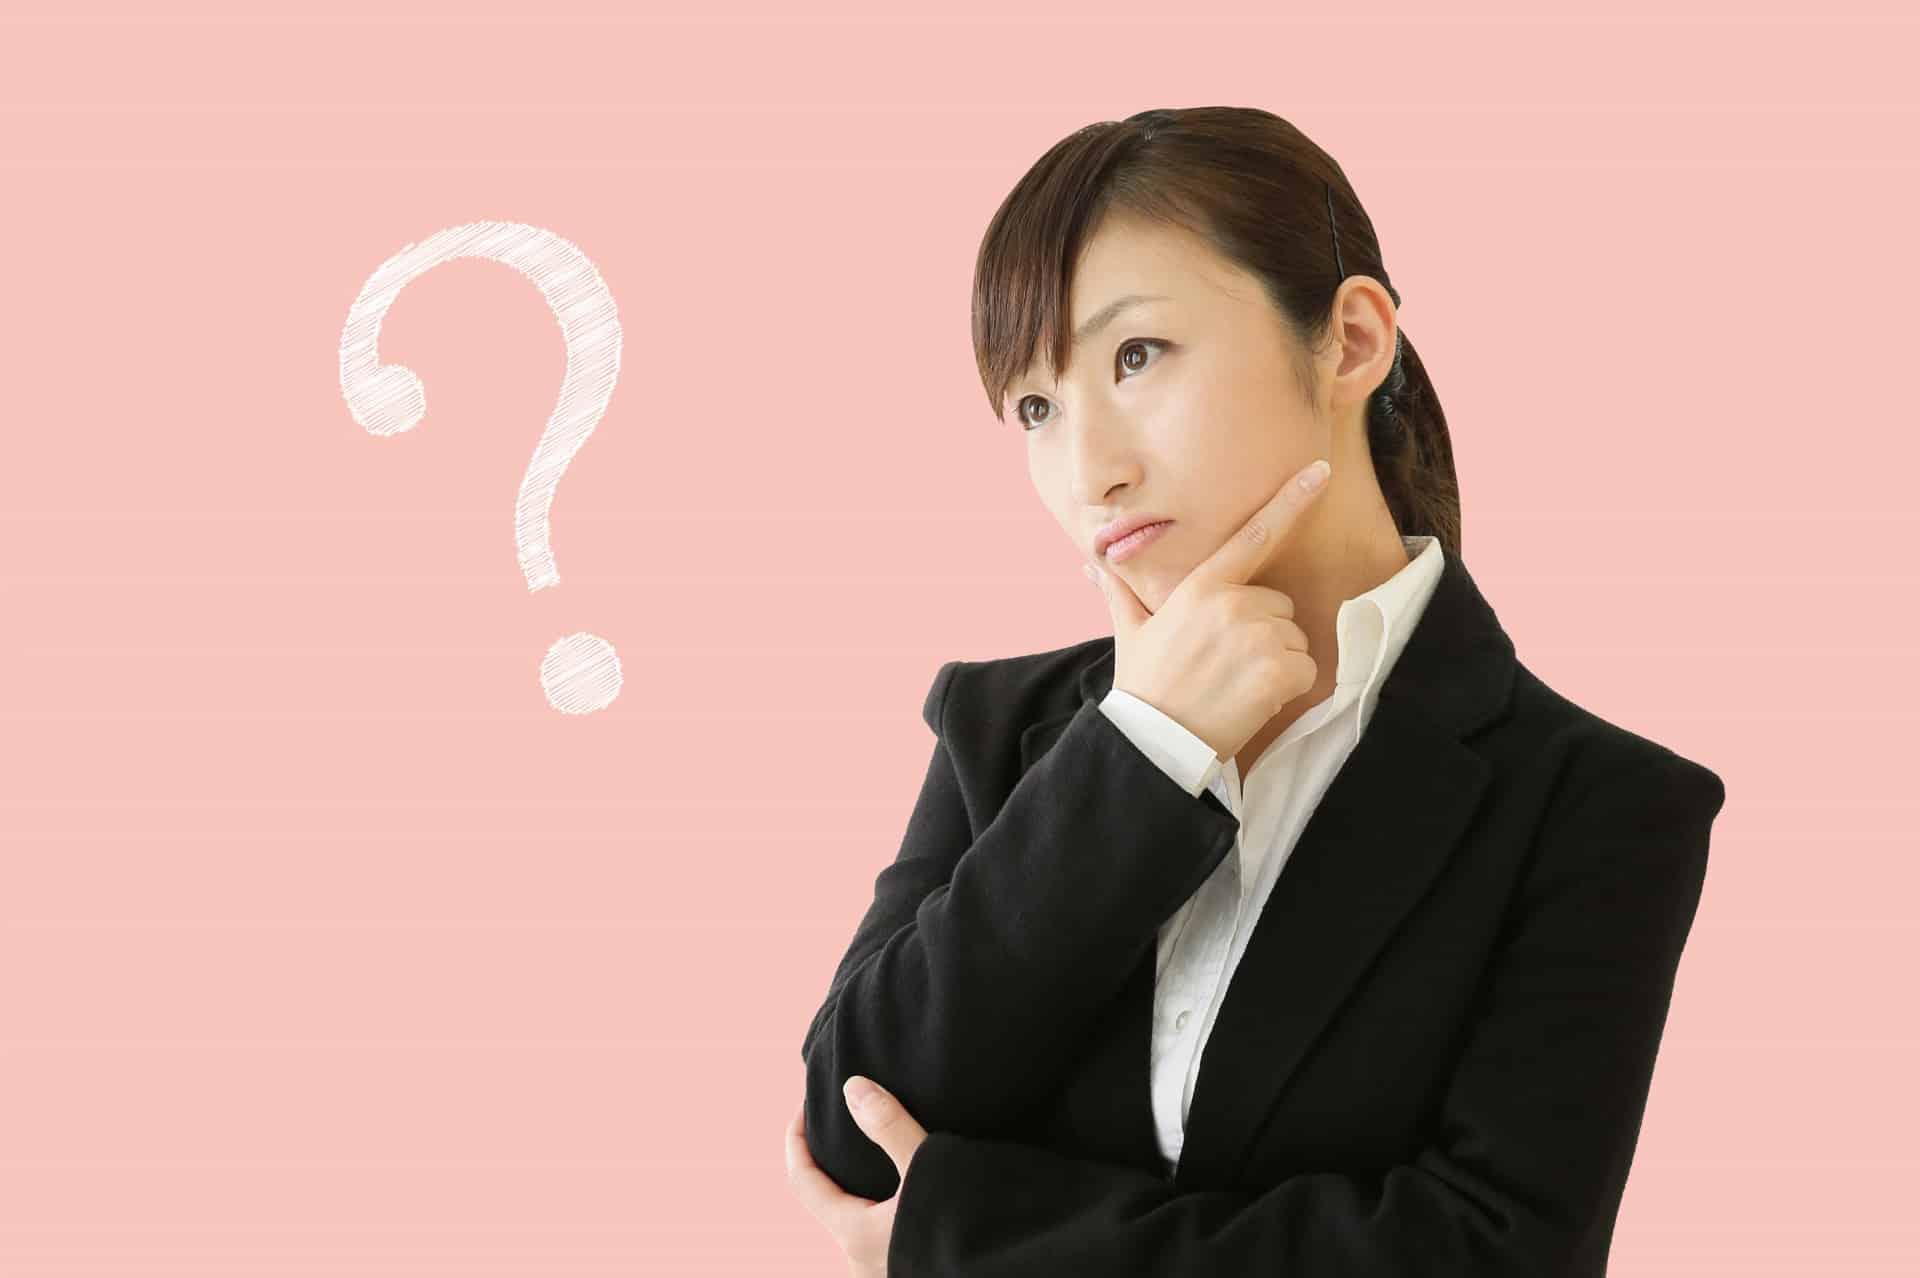 57f11fcfad14636377af1d17b13d8d31 m - 【質問です】どれがあるとお役に立てますか?